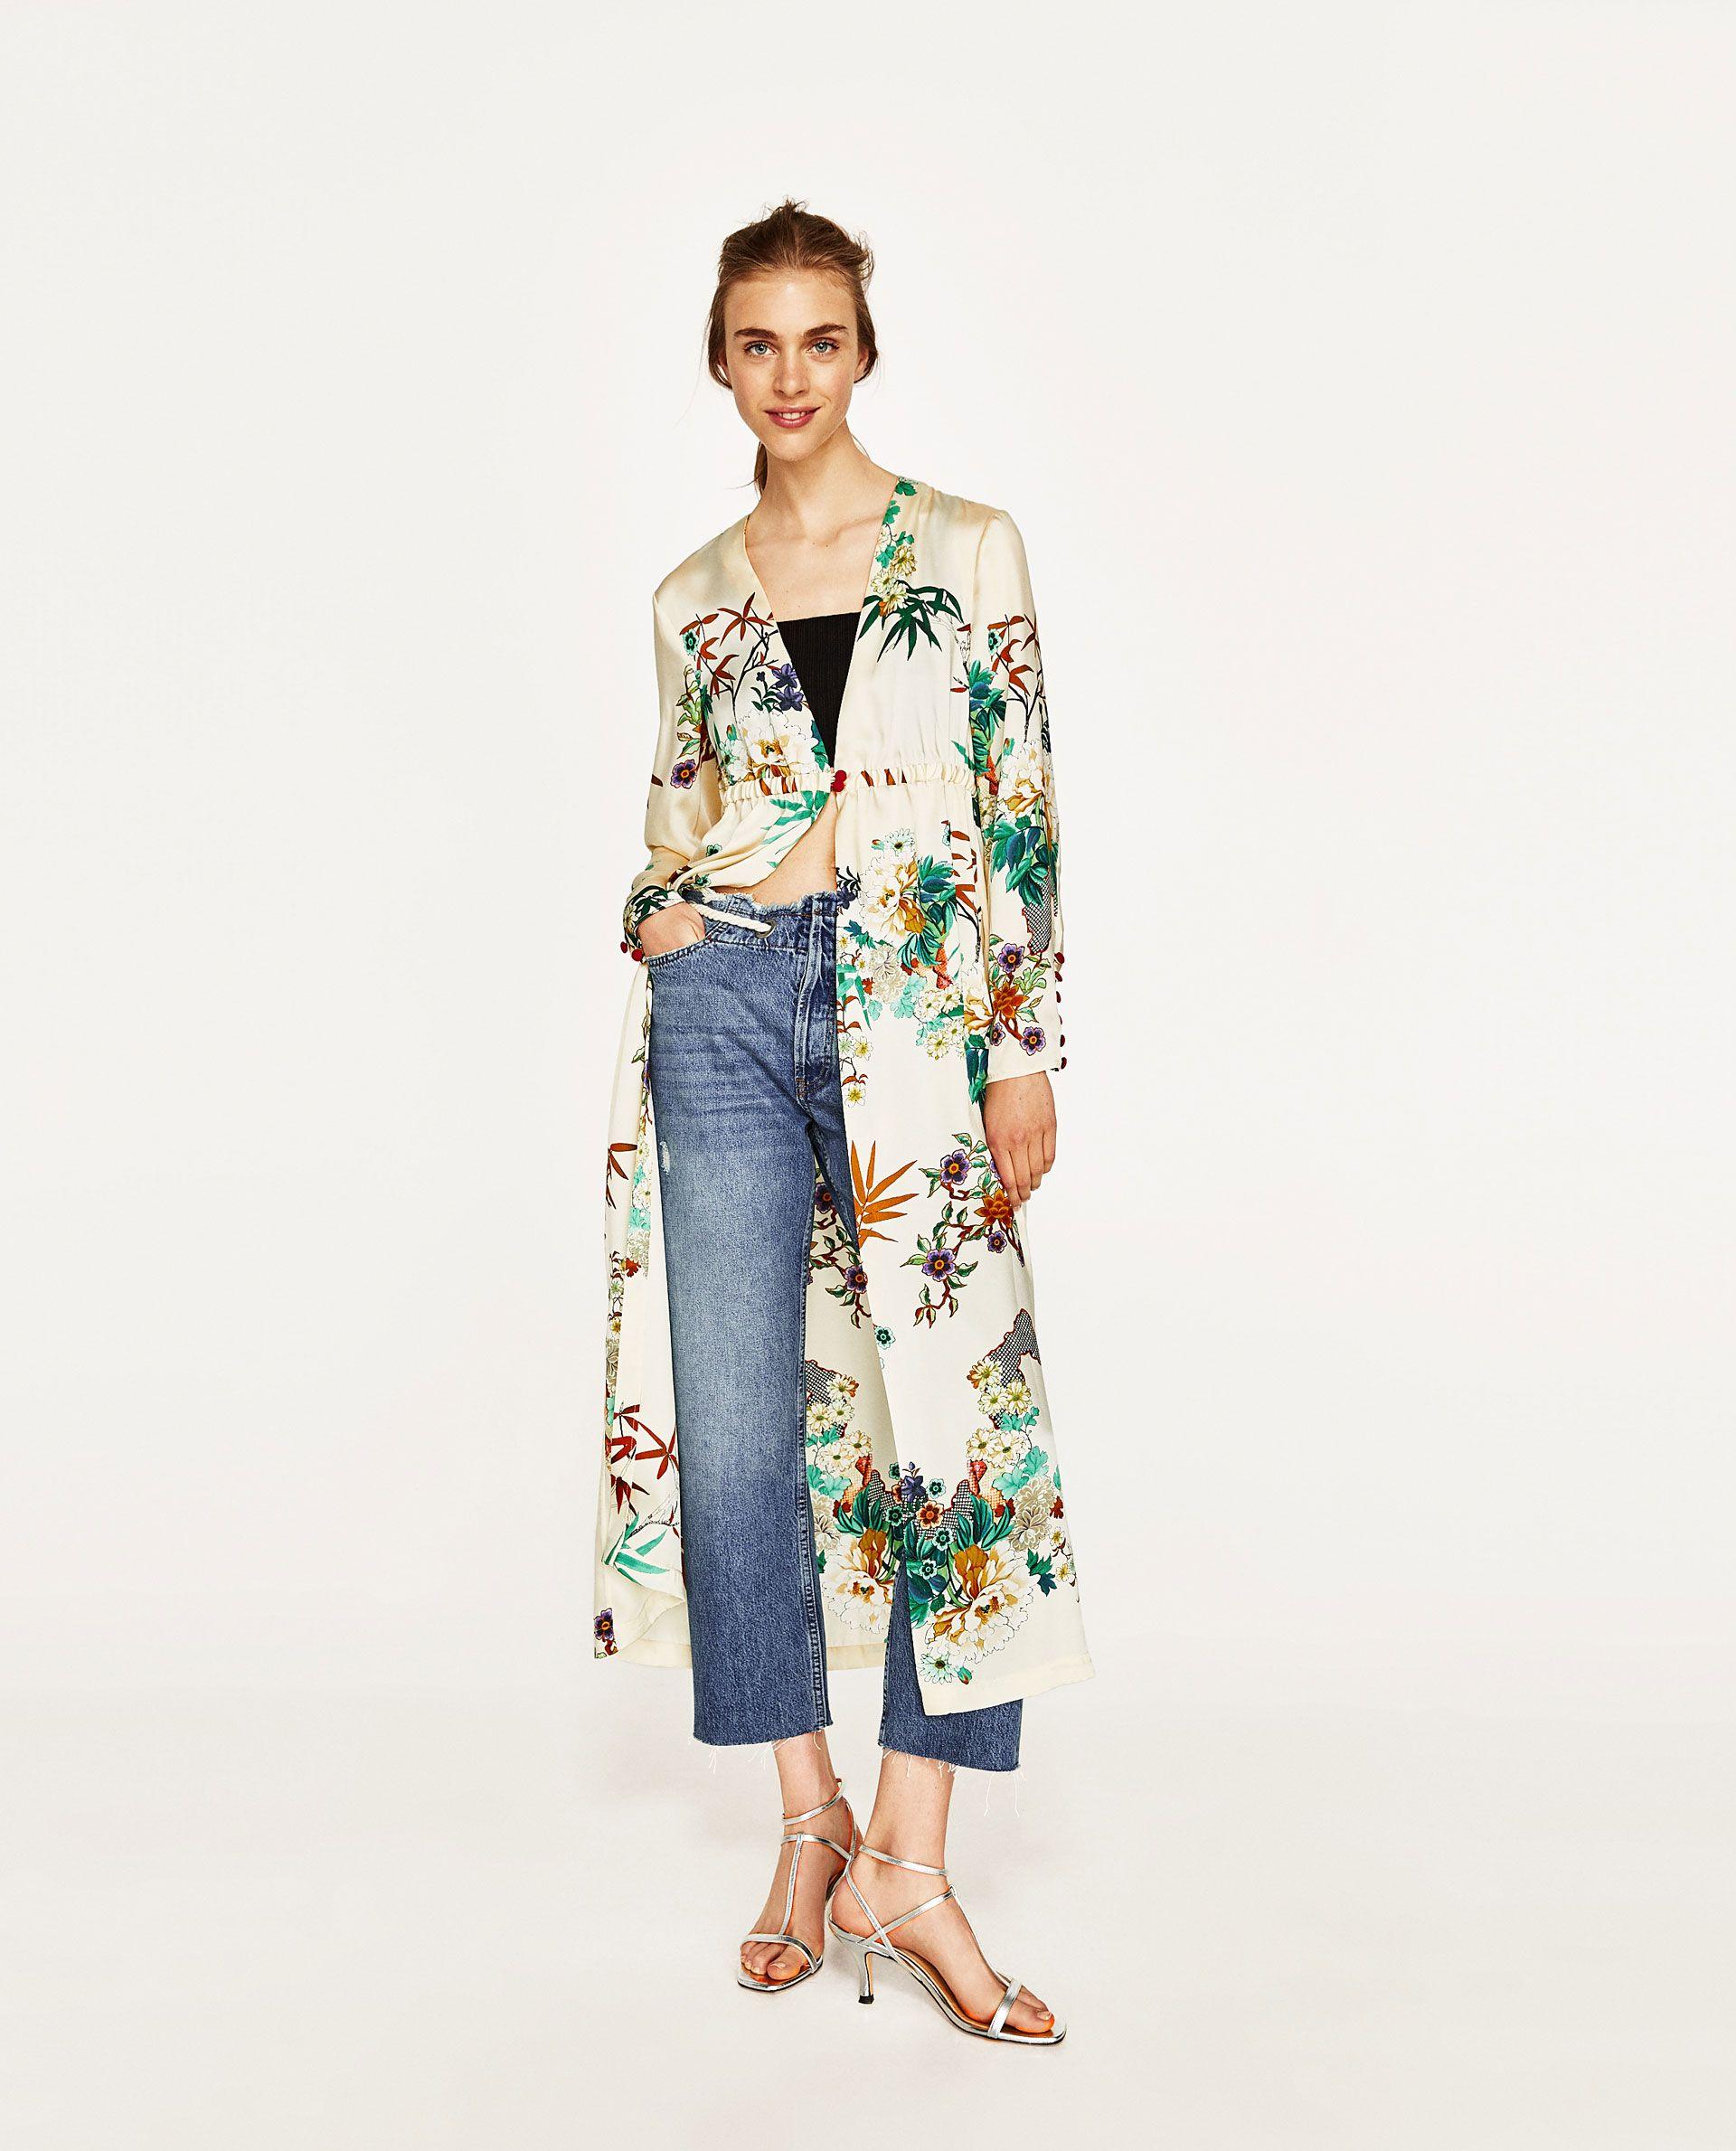 Long Kimono Dress KimonoFashion LargoMaribel Y eWbH2DEI9Y